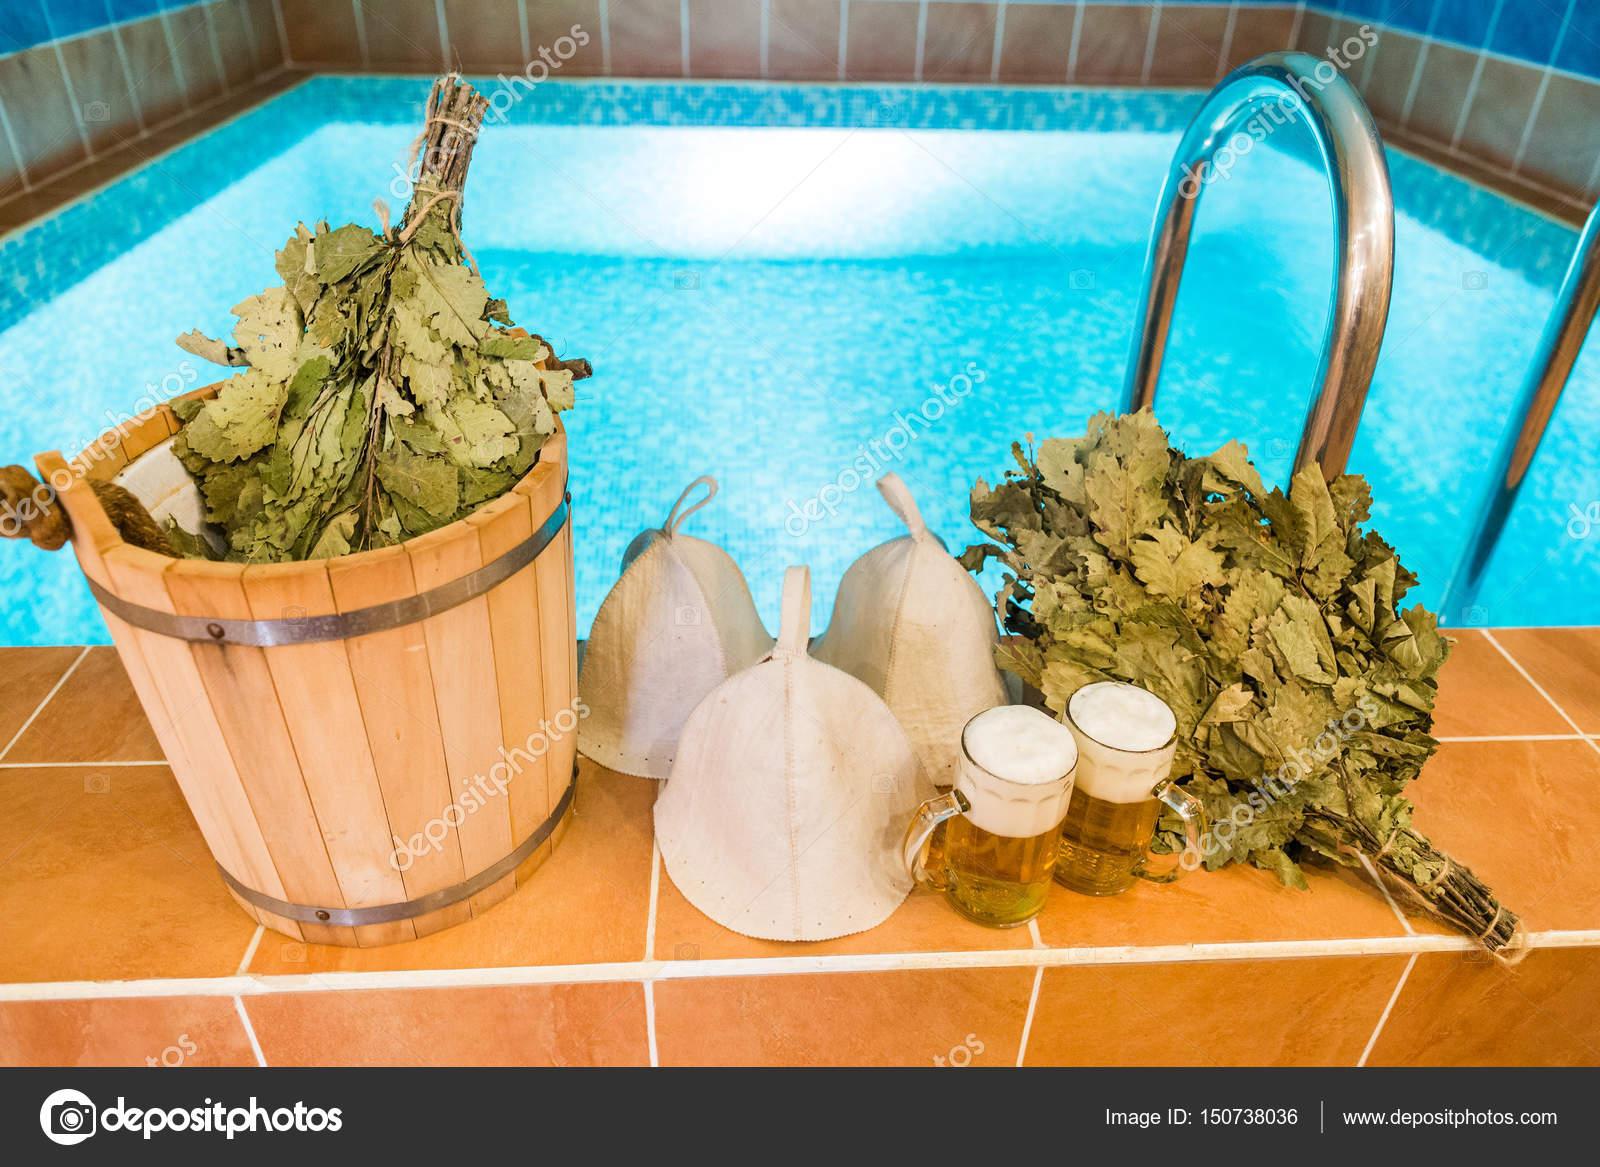 Salle De Bain Yvetot ~ Accessoires De Bain Dans La Baignoire Russe Articles De Salle De